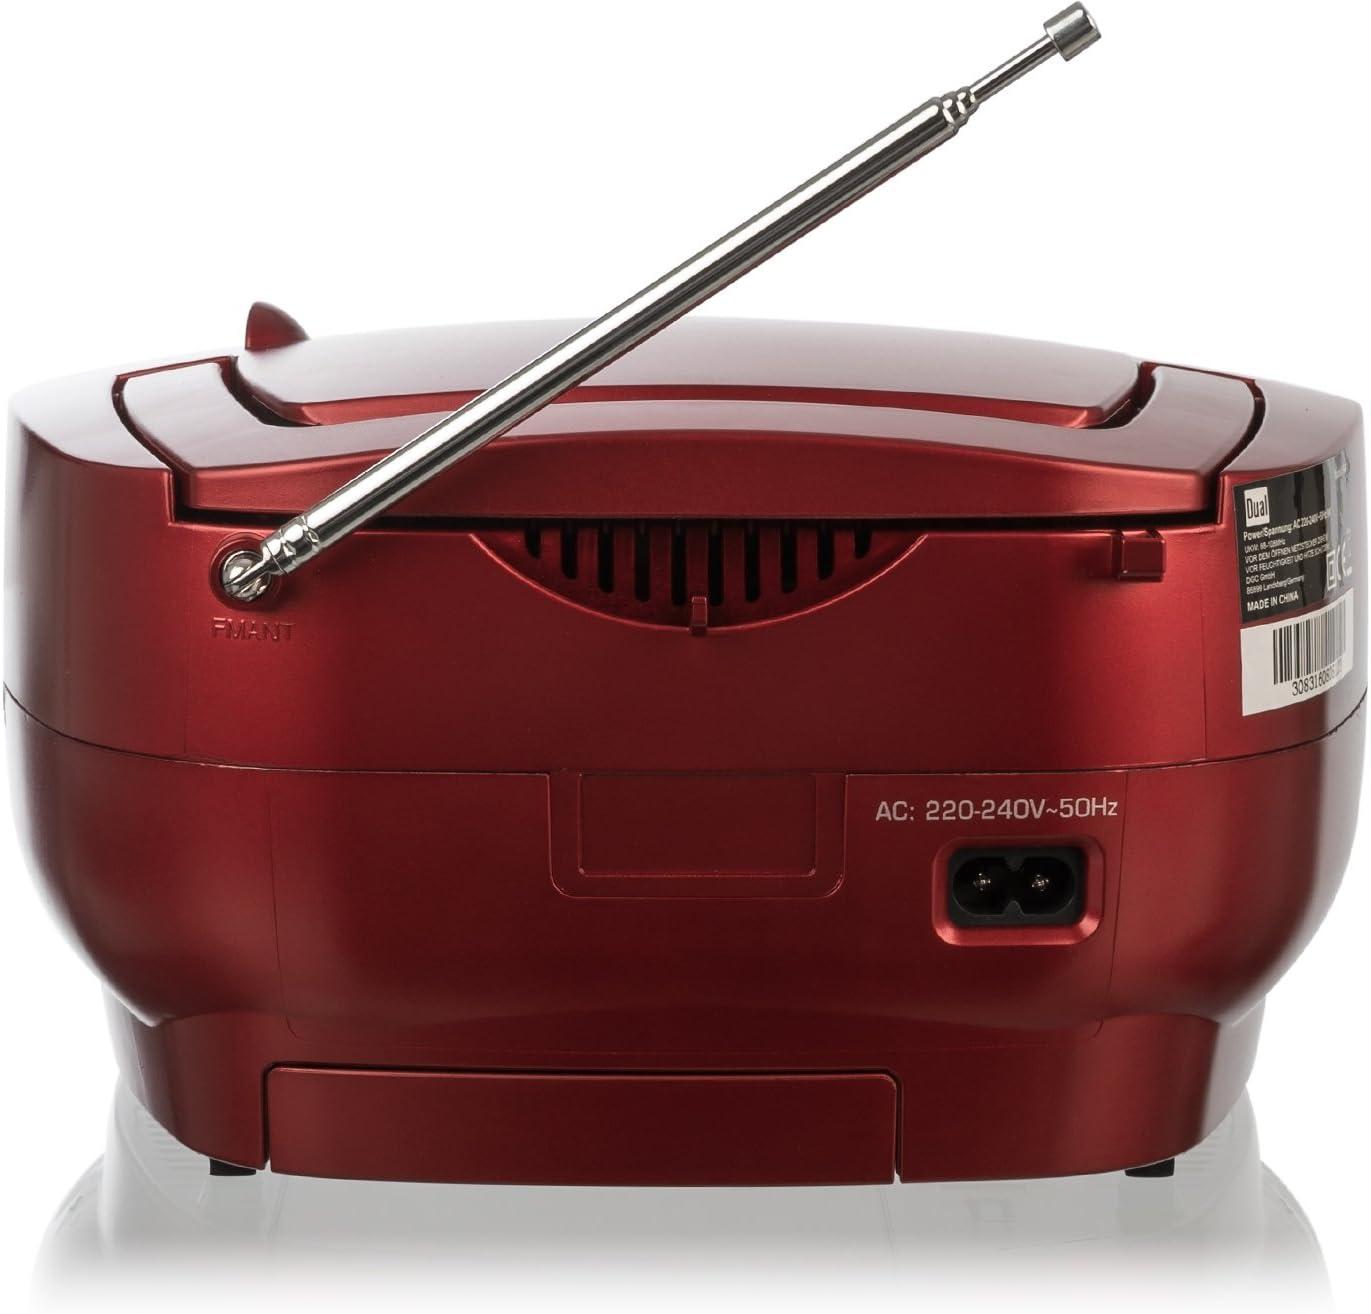 Dual P 49/ Radio FM, Pantalla LED, Funcionamiento con Red o bater/ía /1/Boom Box con Reproductor de CD